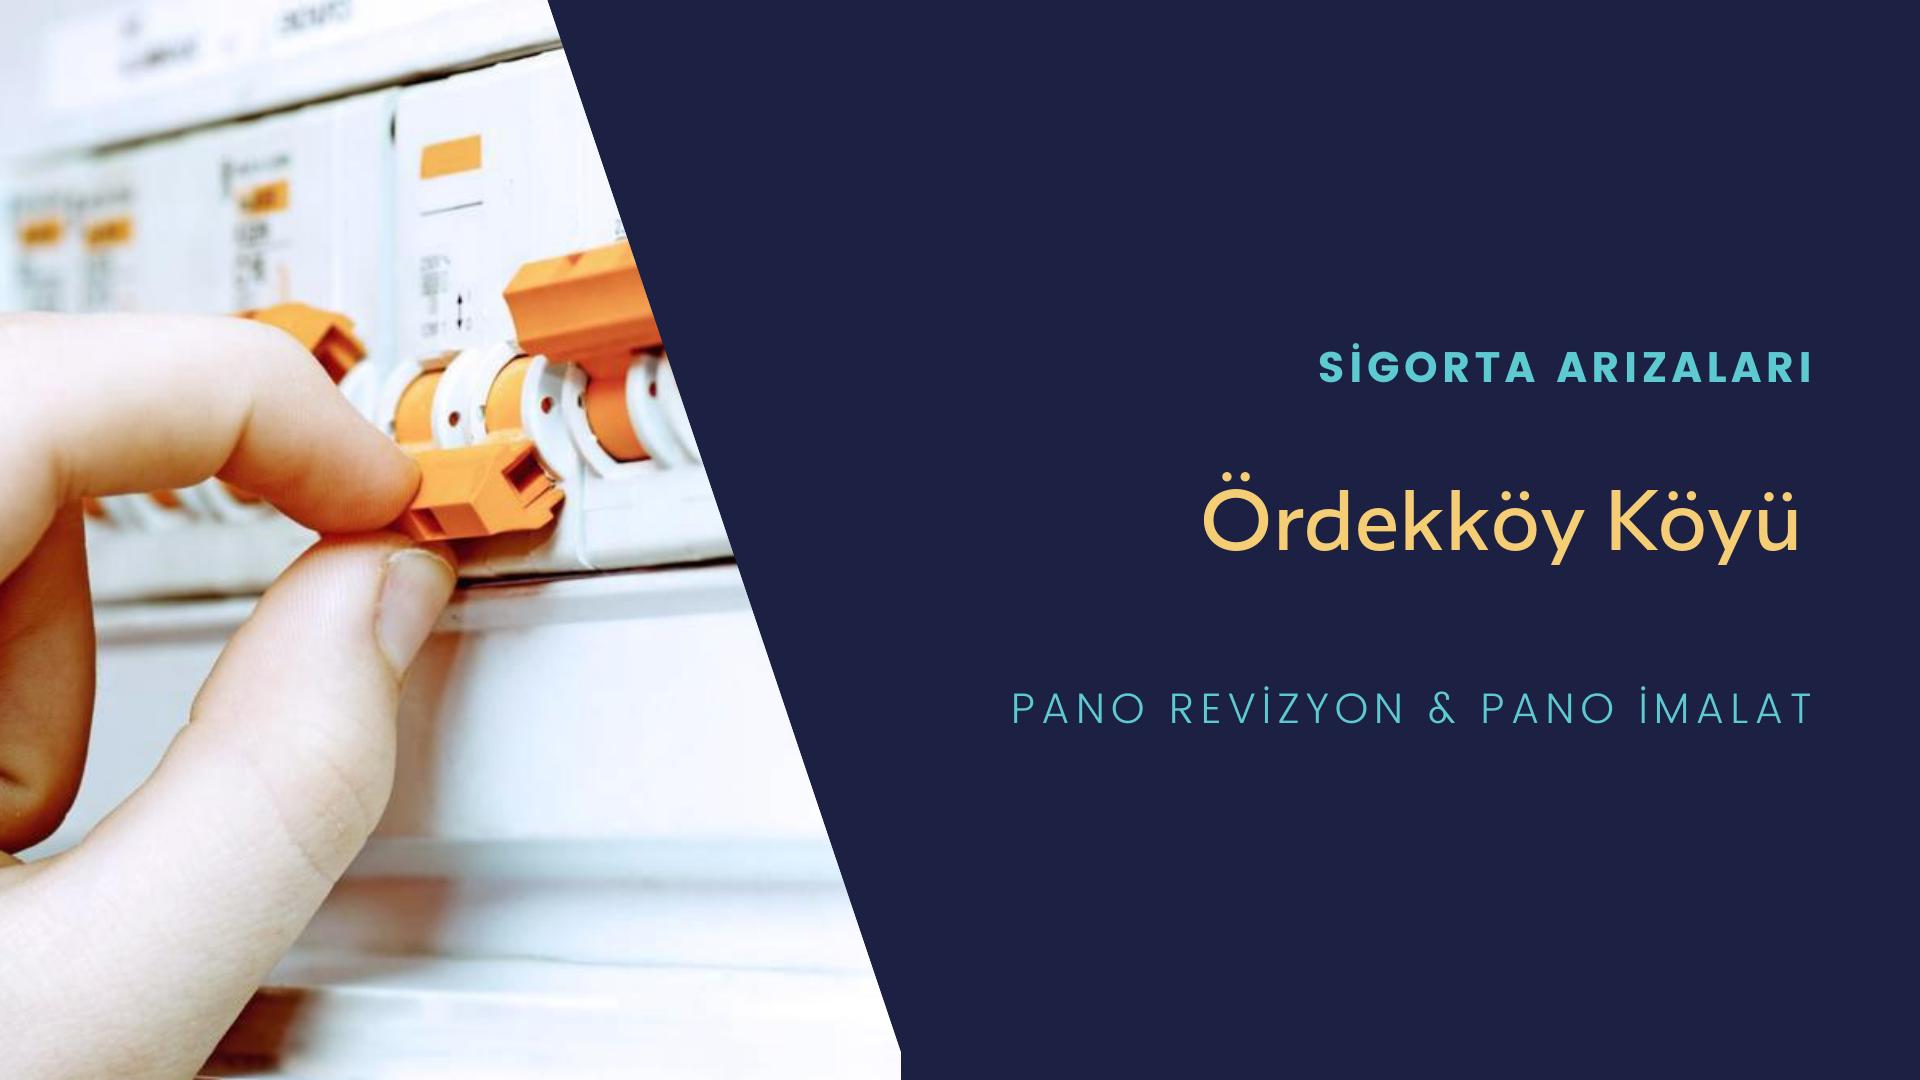 Ördekköy Köyü Sigorta Arızaları İçin Profesyonel Elektrikçi ustalarımızı dilediğiniz zaman arayabilir talepte bulunabilirsiniz.